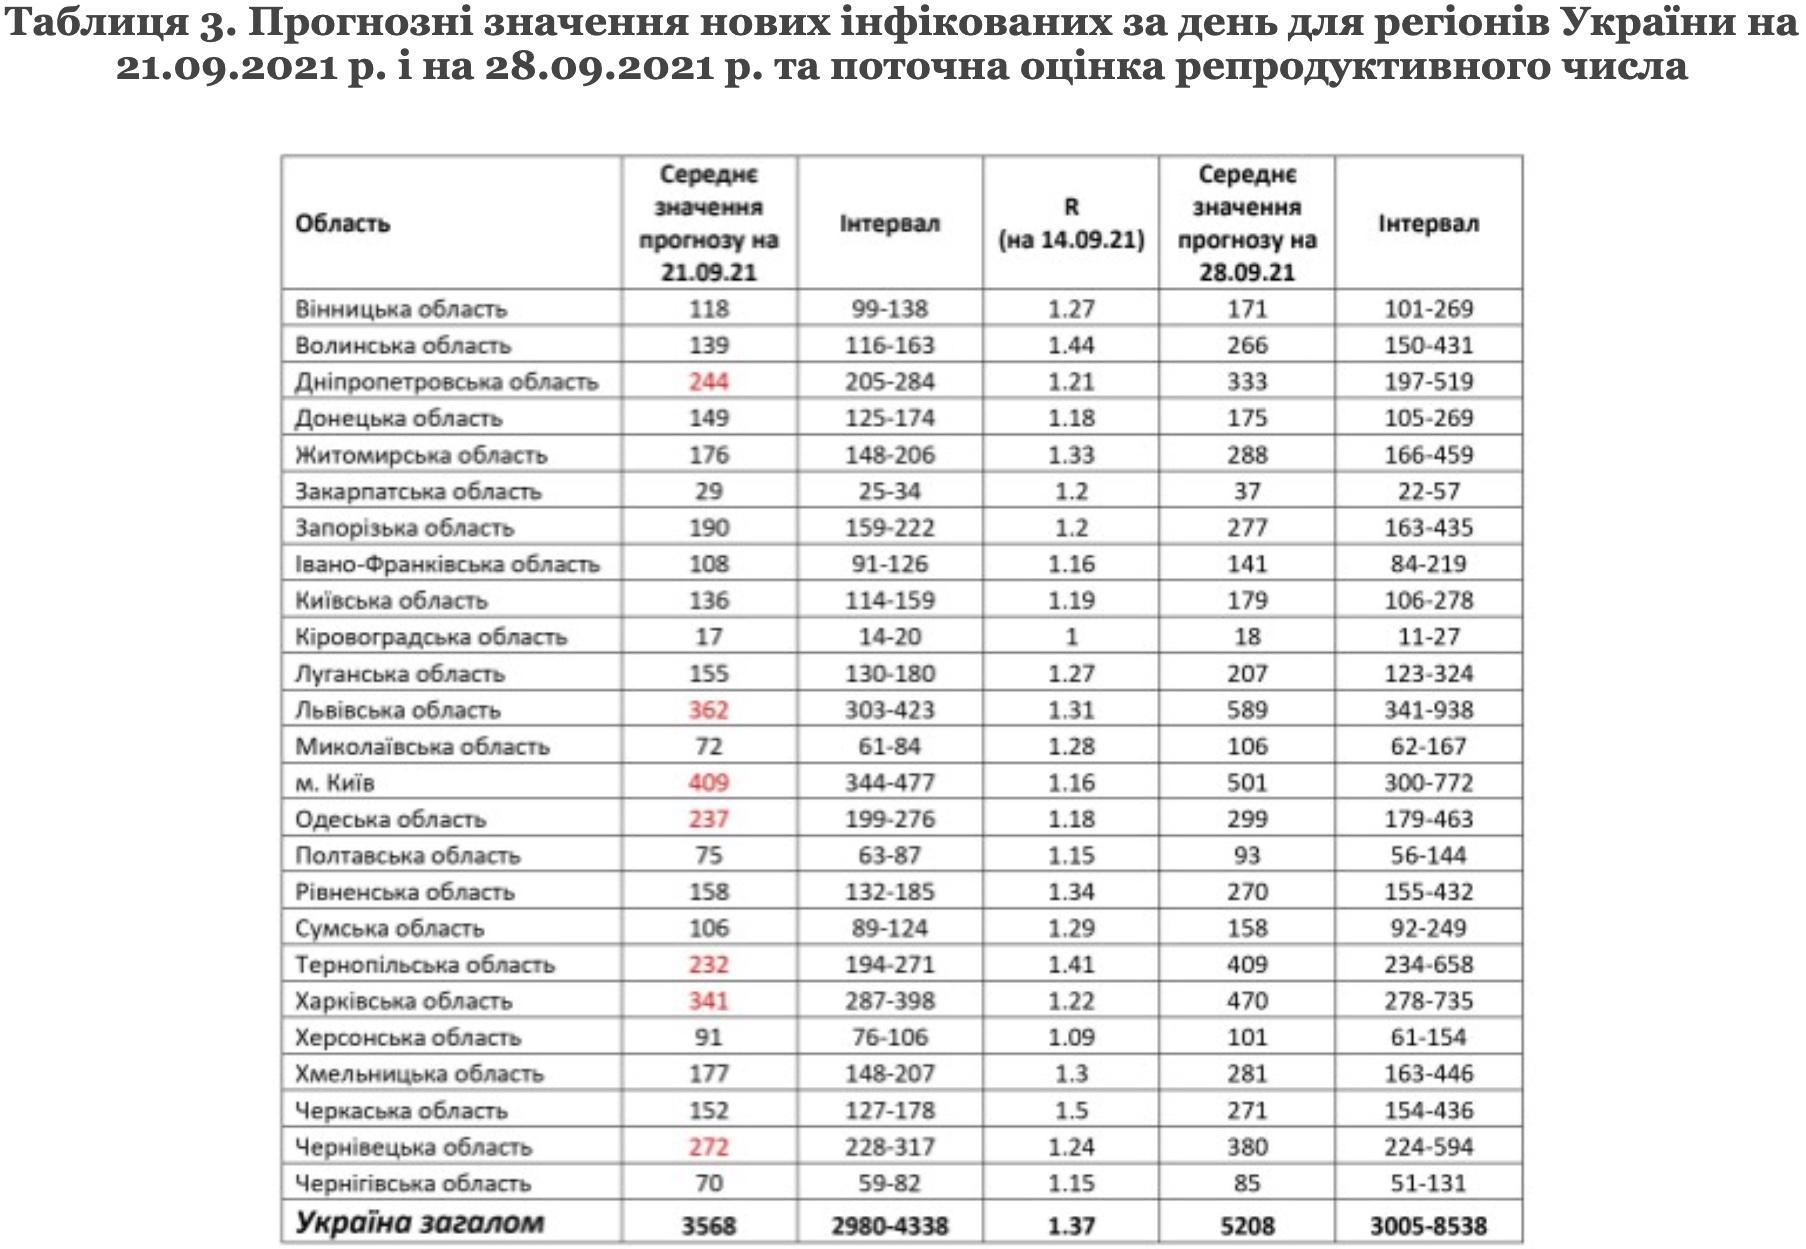 Через две недели рост заражений коронавирусом превысит 5000 случаев в день – прогноз НАН